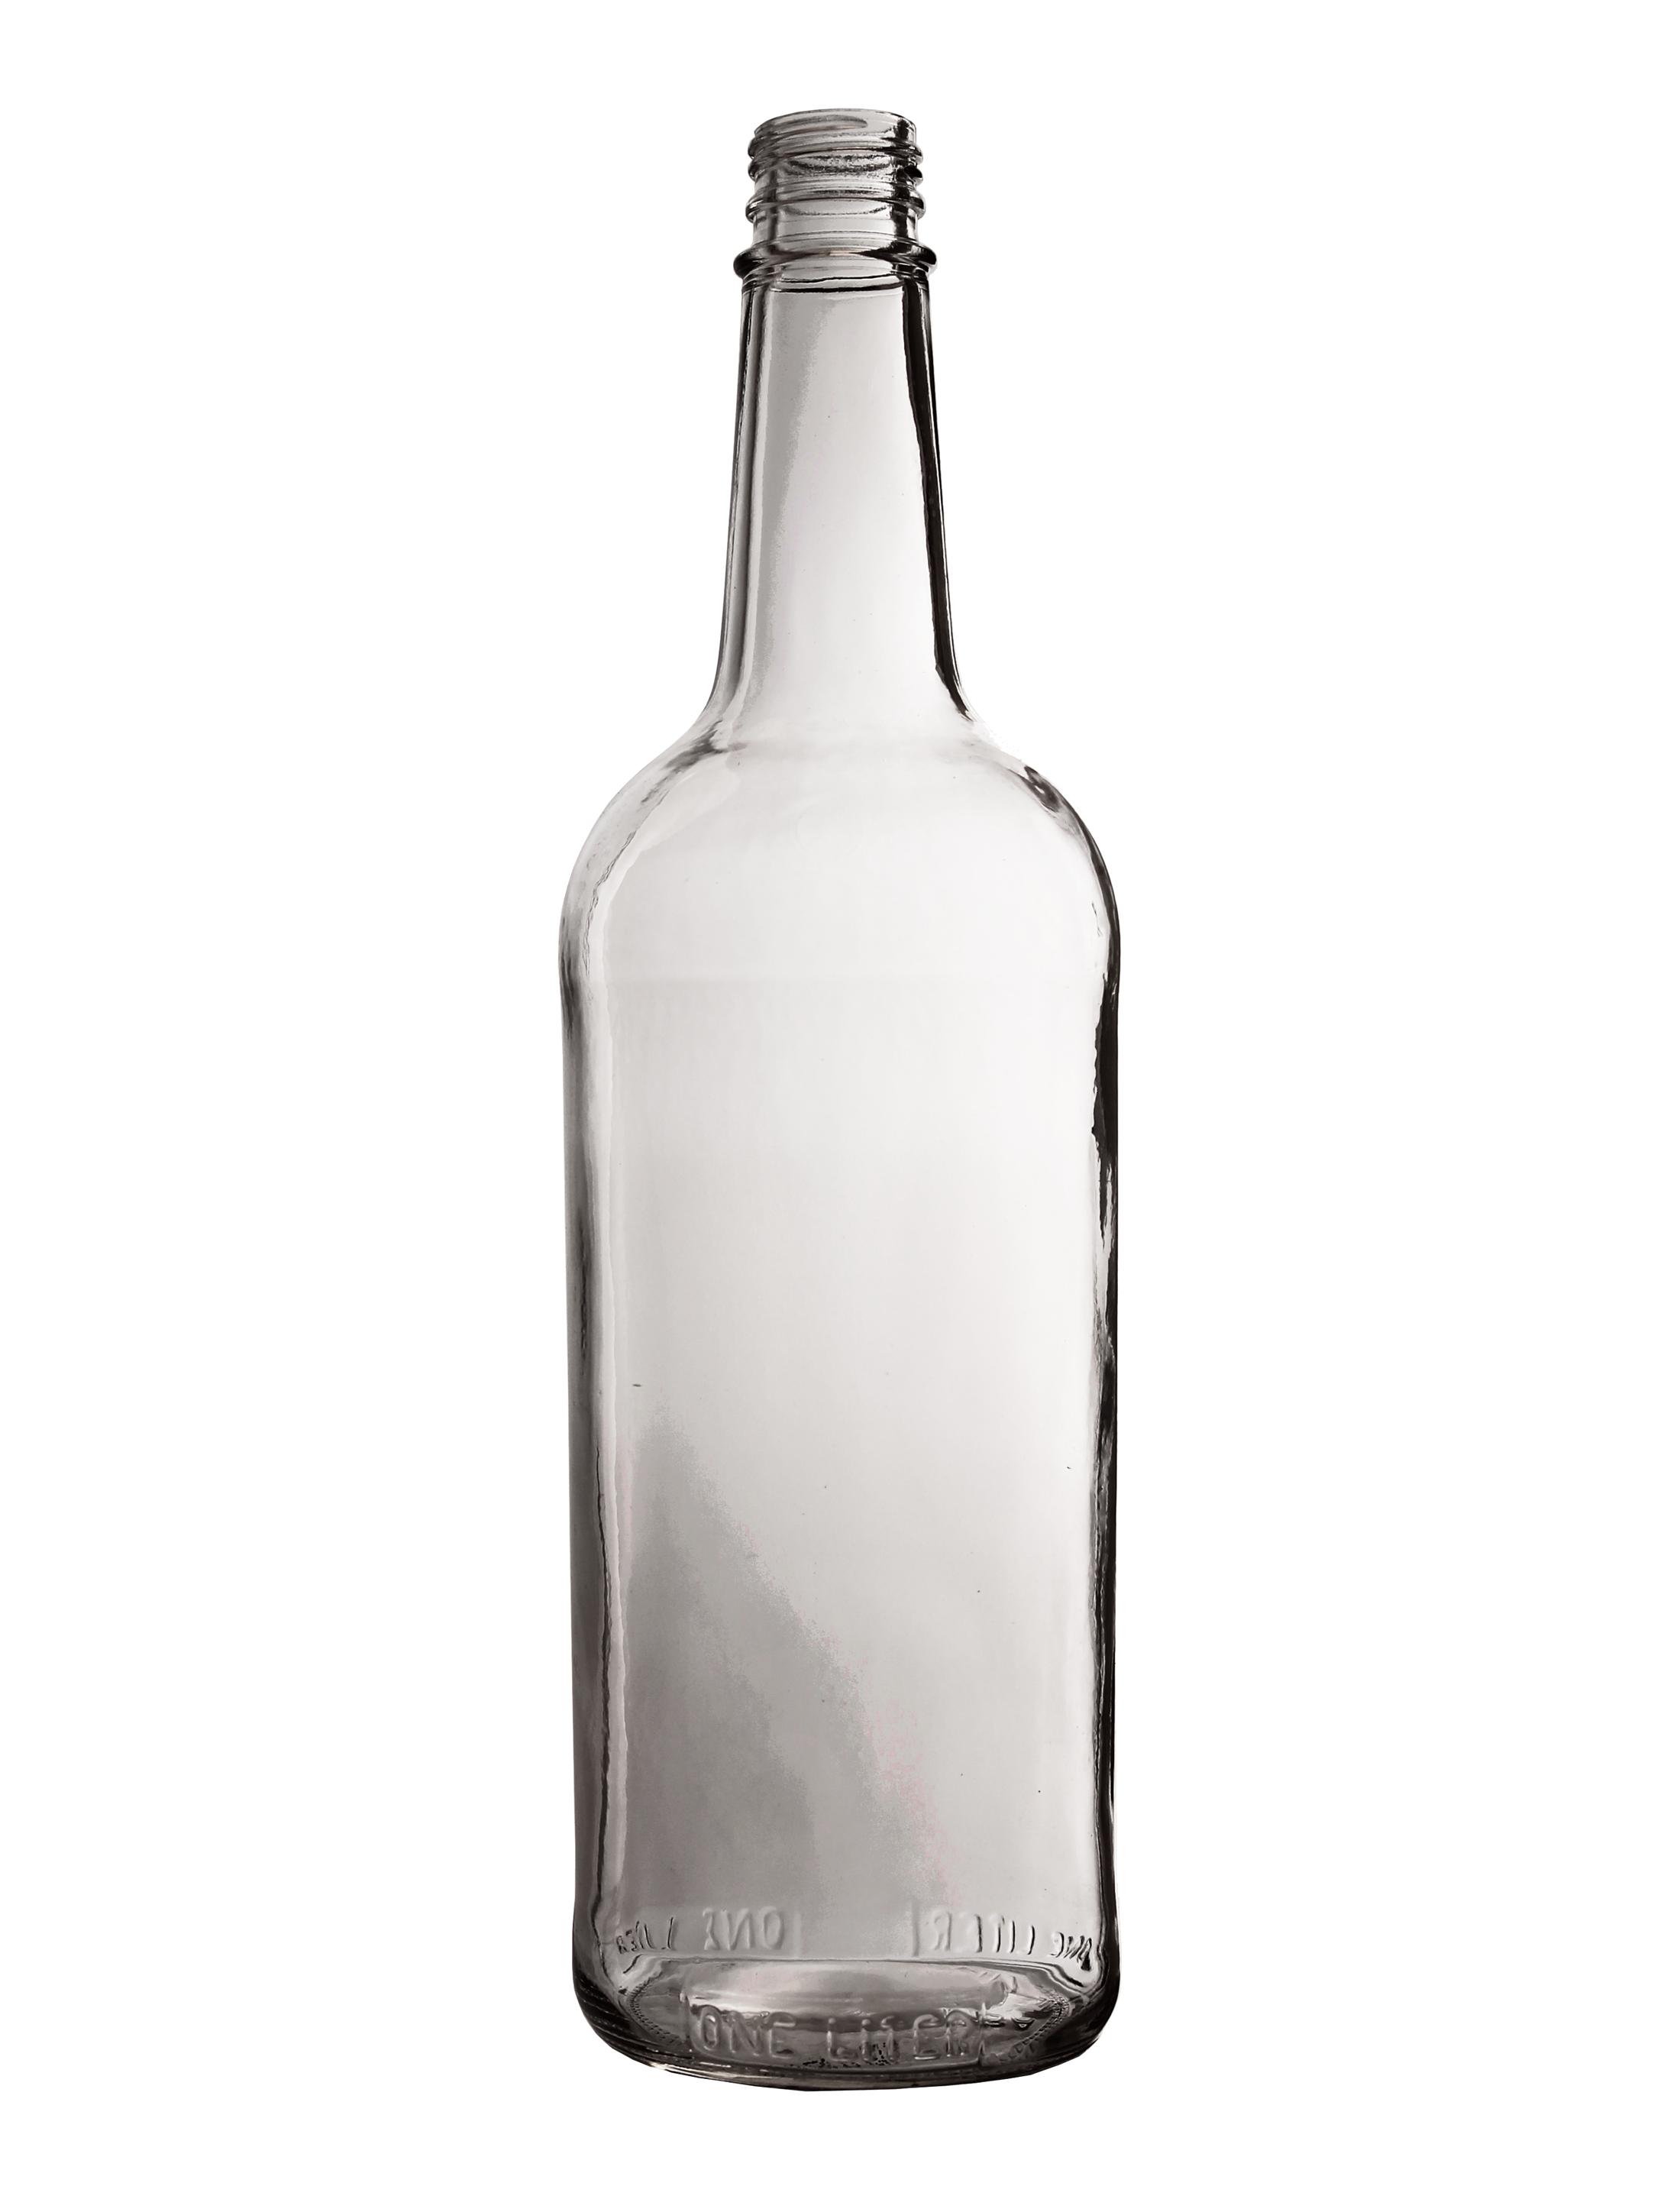 Hq transparent images pluspng. Empty bottle png